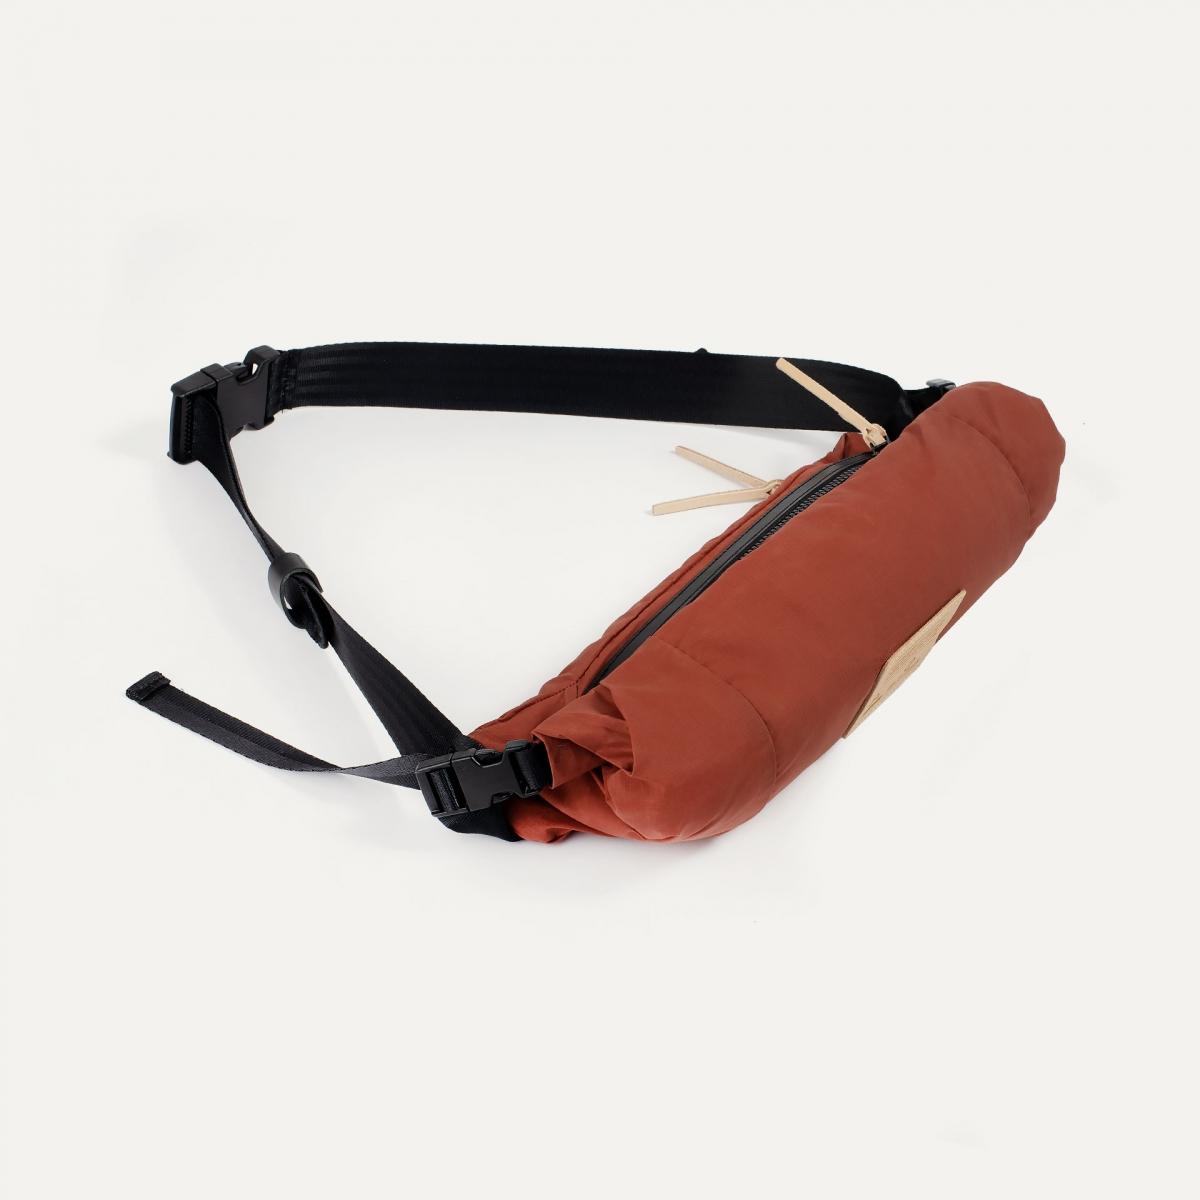 8L Bastille Belt bag - Burgundy (image n°2)